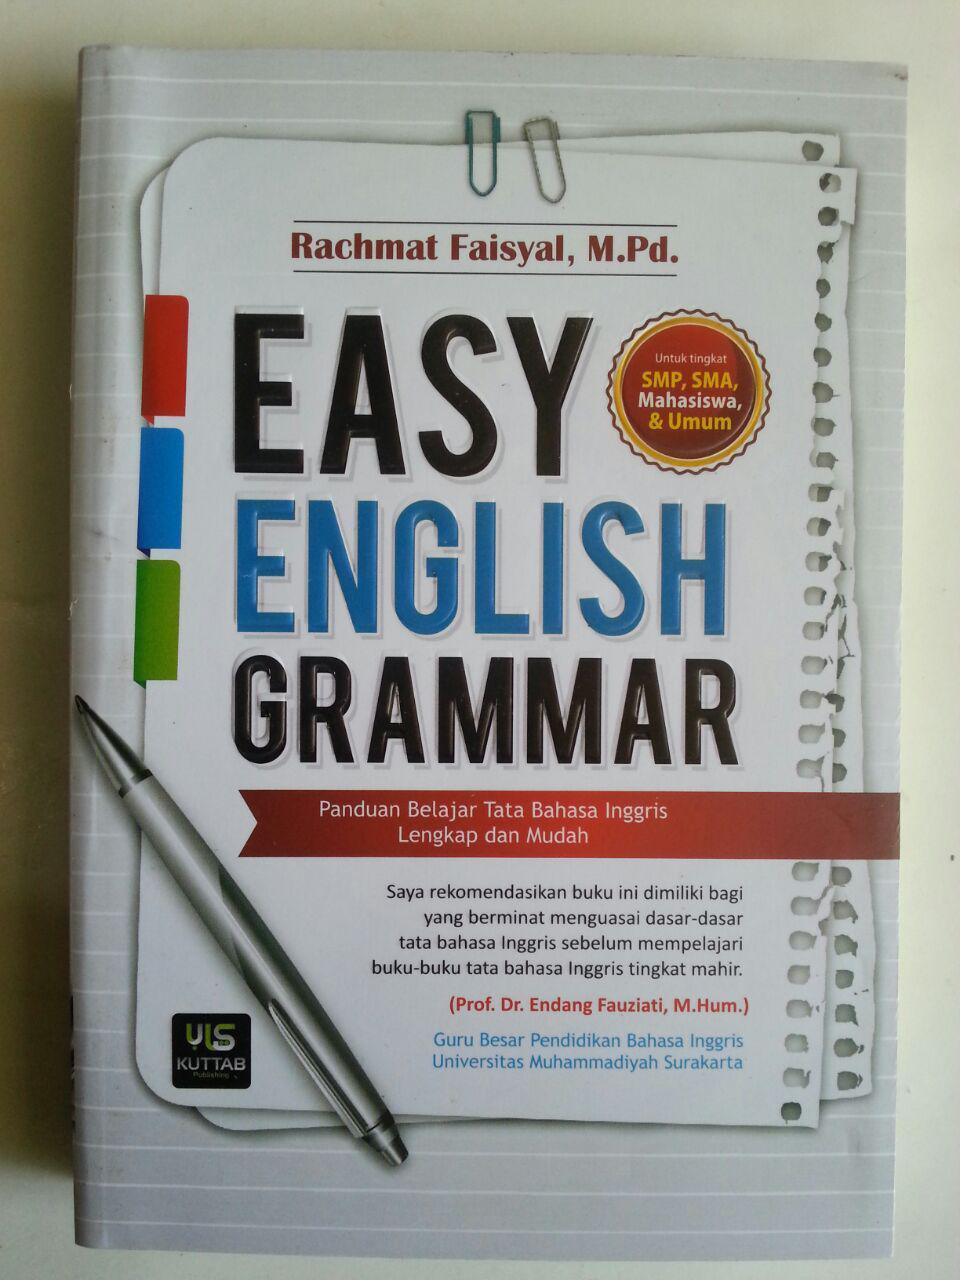 Buku Easy English Grammar Panduan Belajar Tata Bahasa Inggris cover 2